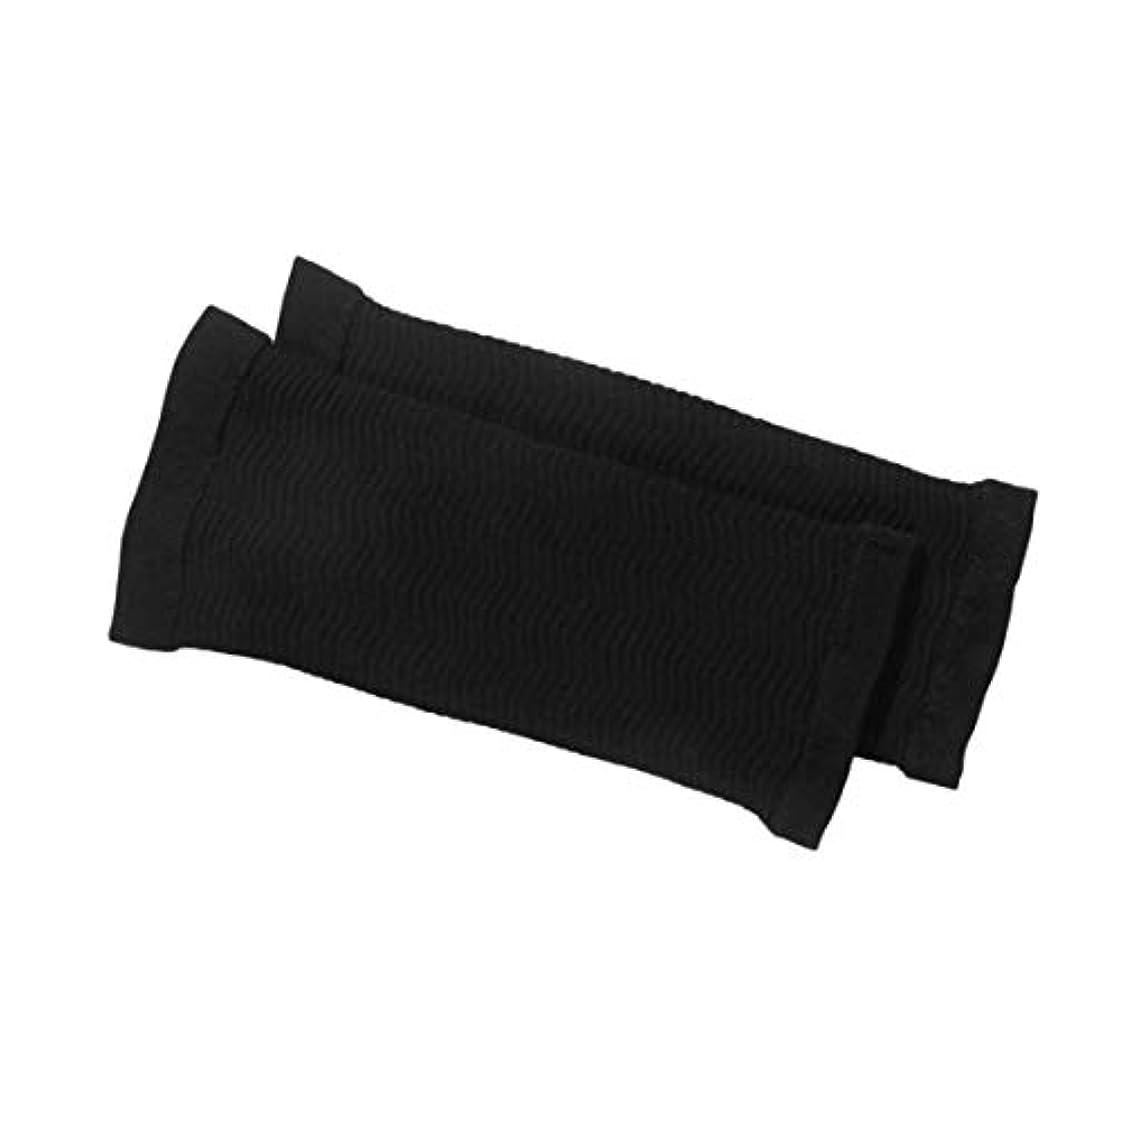 小さな放置脈拍1ペア420 D圧縮痩身アームスリーブワークアウトトーニングバーンセルライトシェイパー脂肪燃焼袖用女性 - 黒